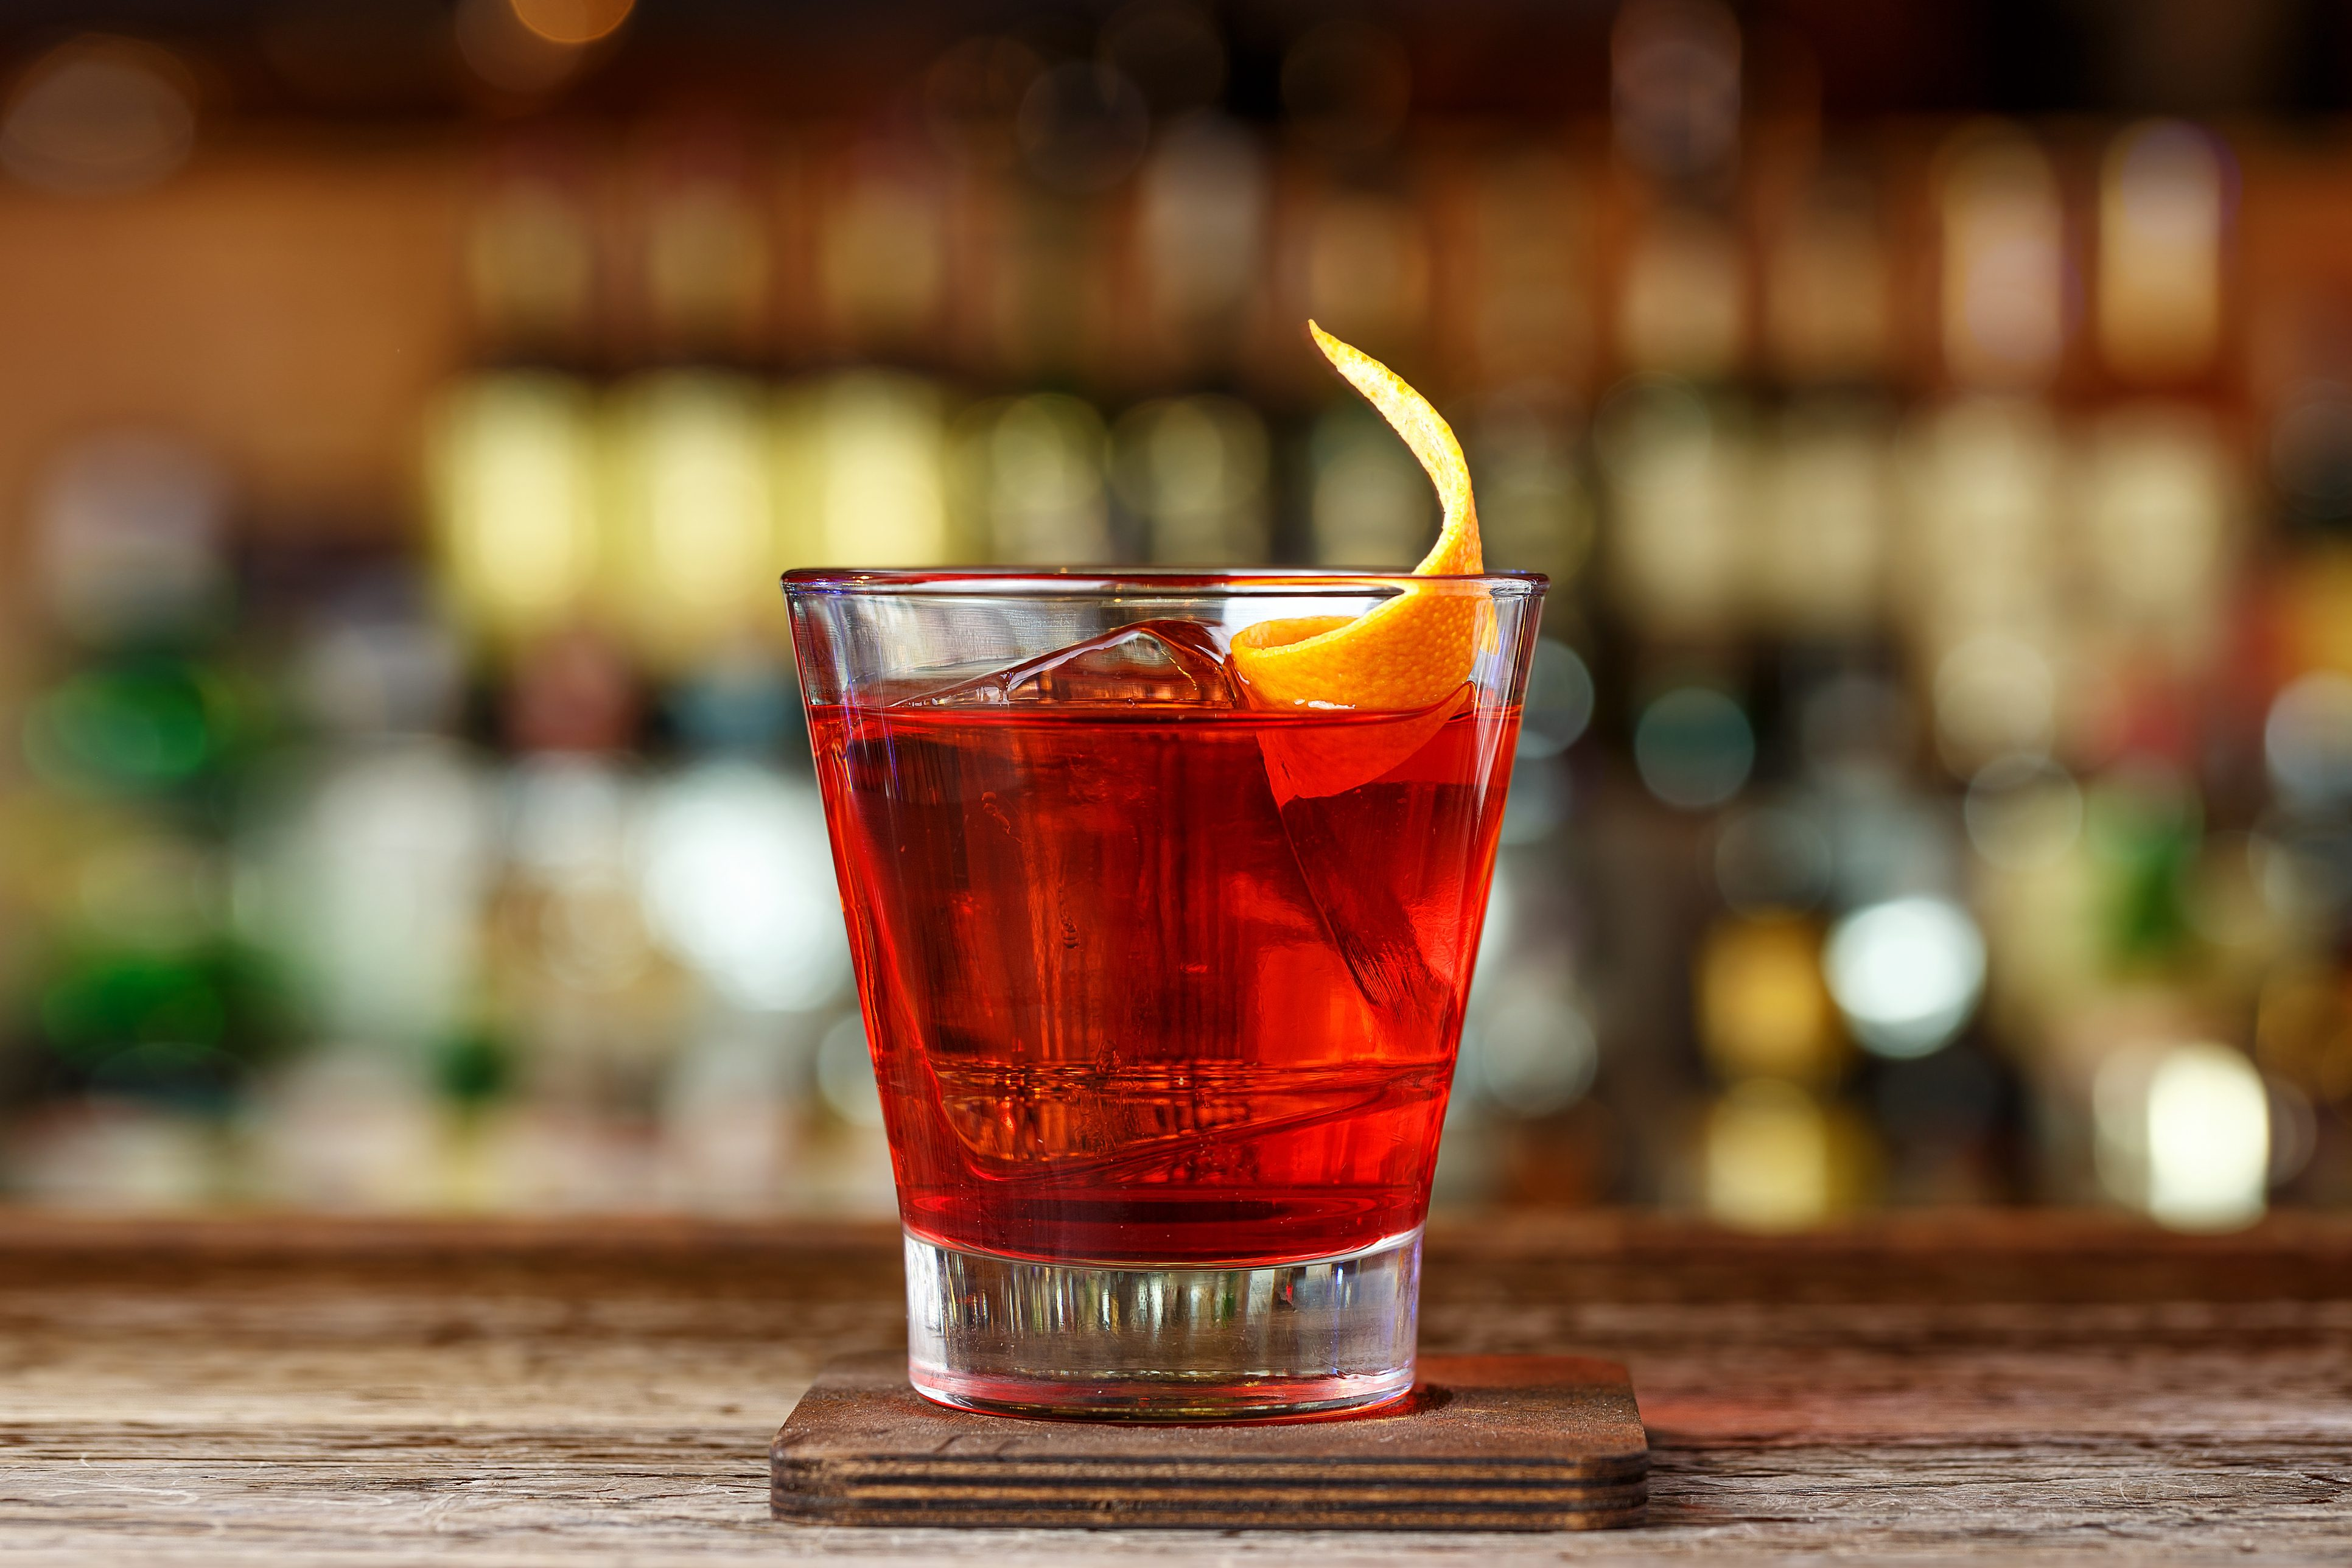 Negroni, storia di un cocktail italiano ultracentenario